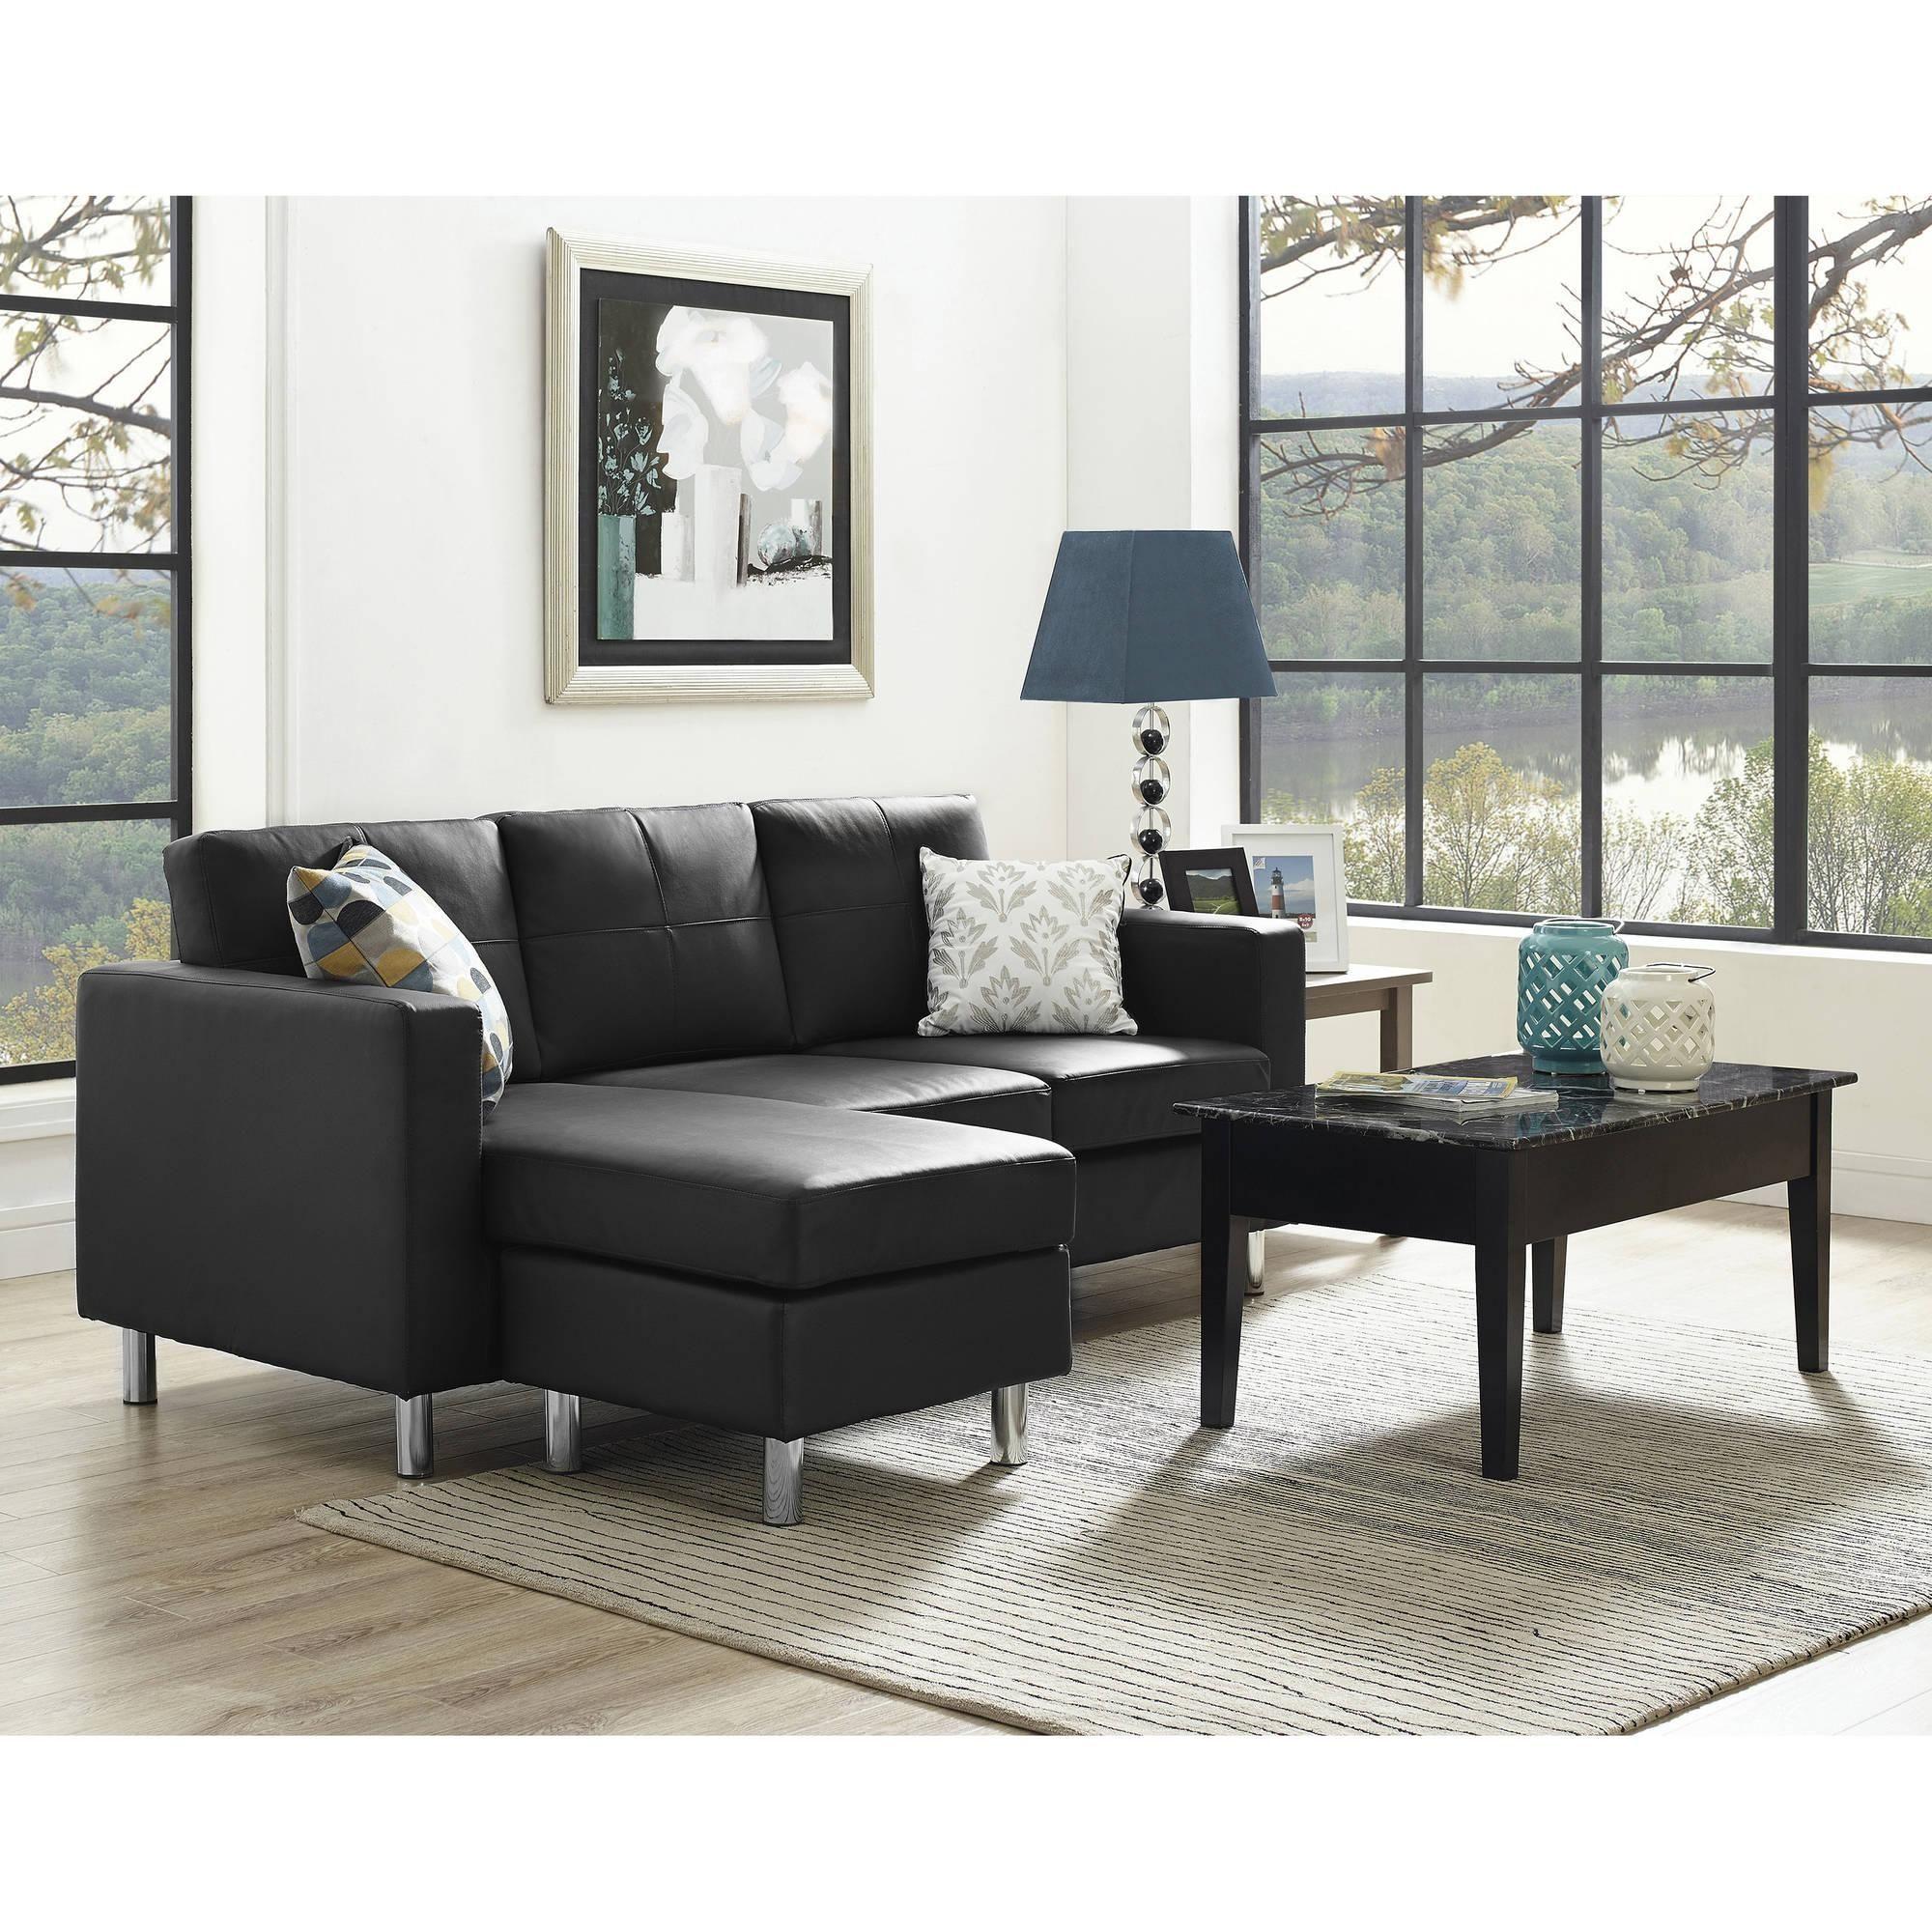 Besten Ideen Wohnung Schnitt Mit Chaise Sofas für kleine